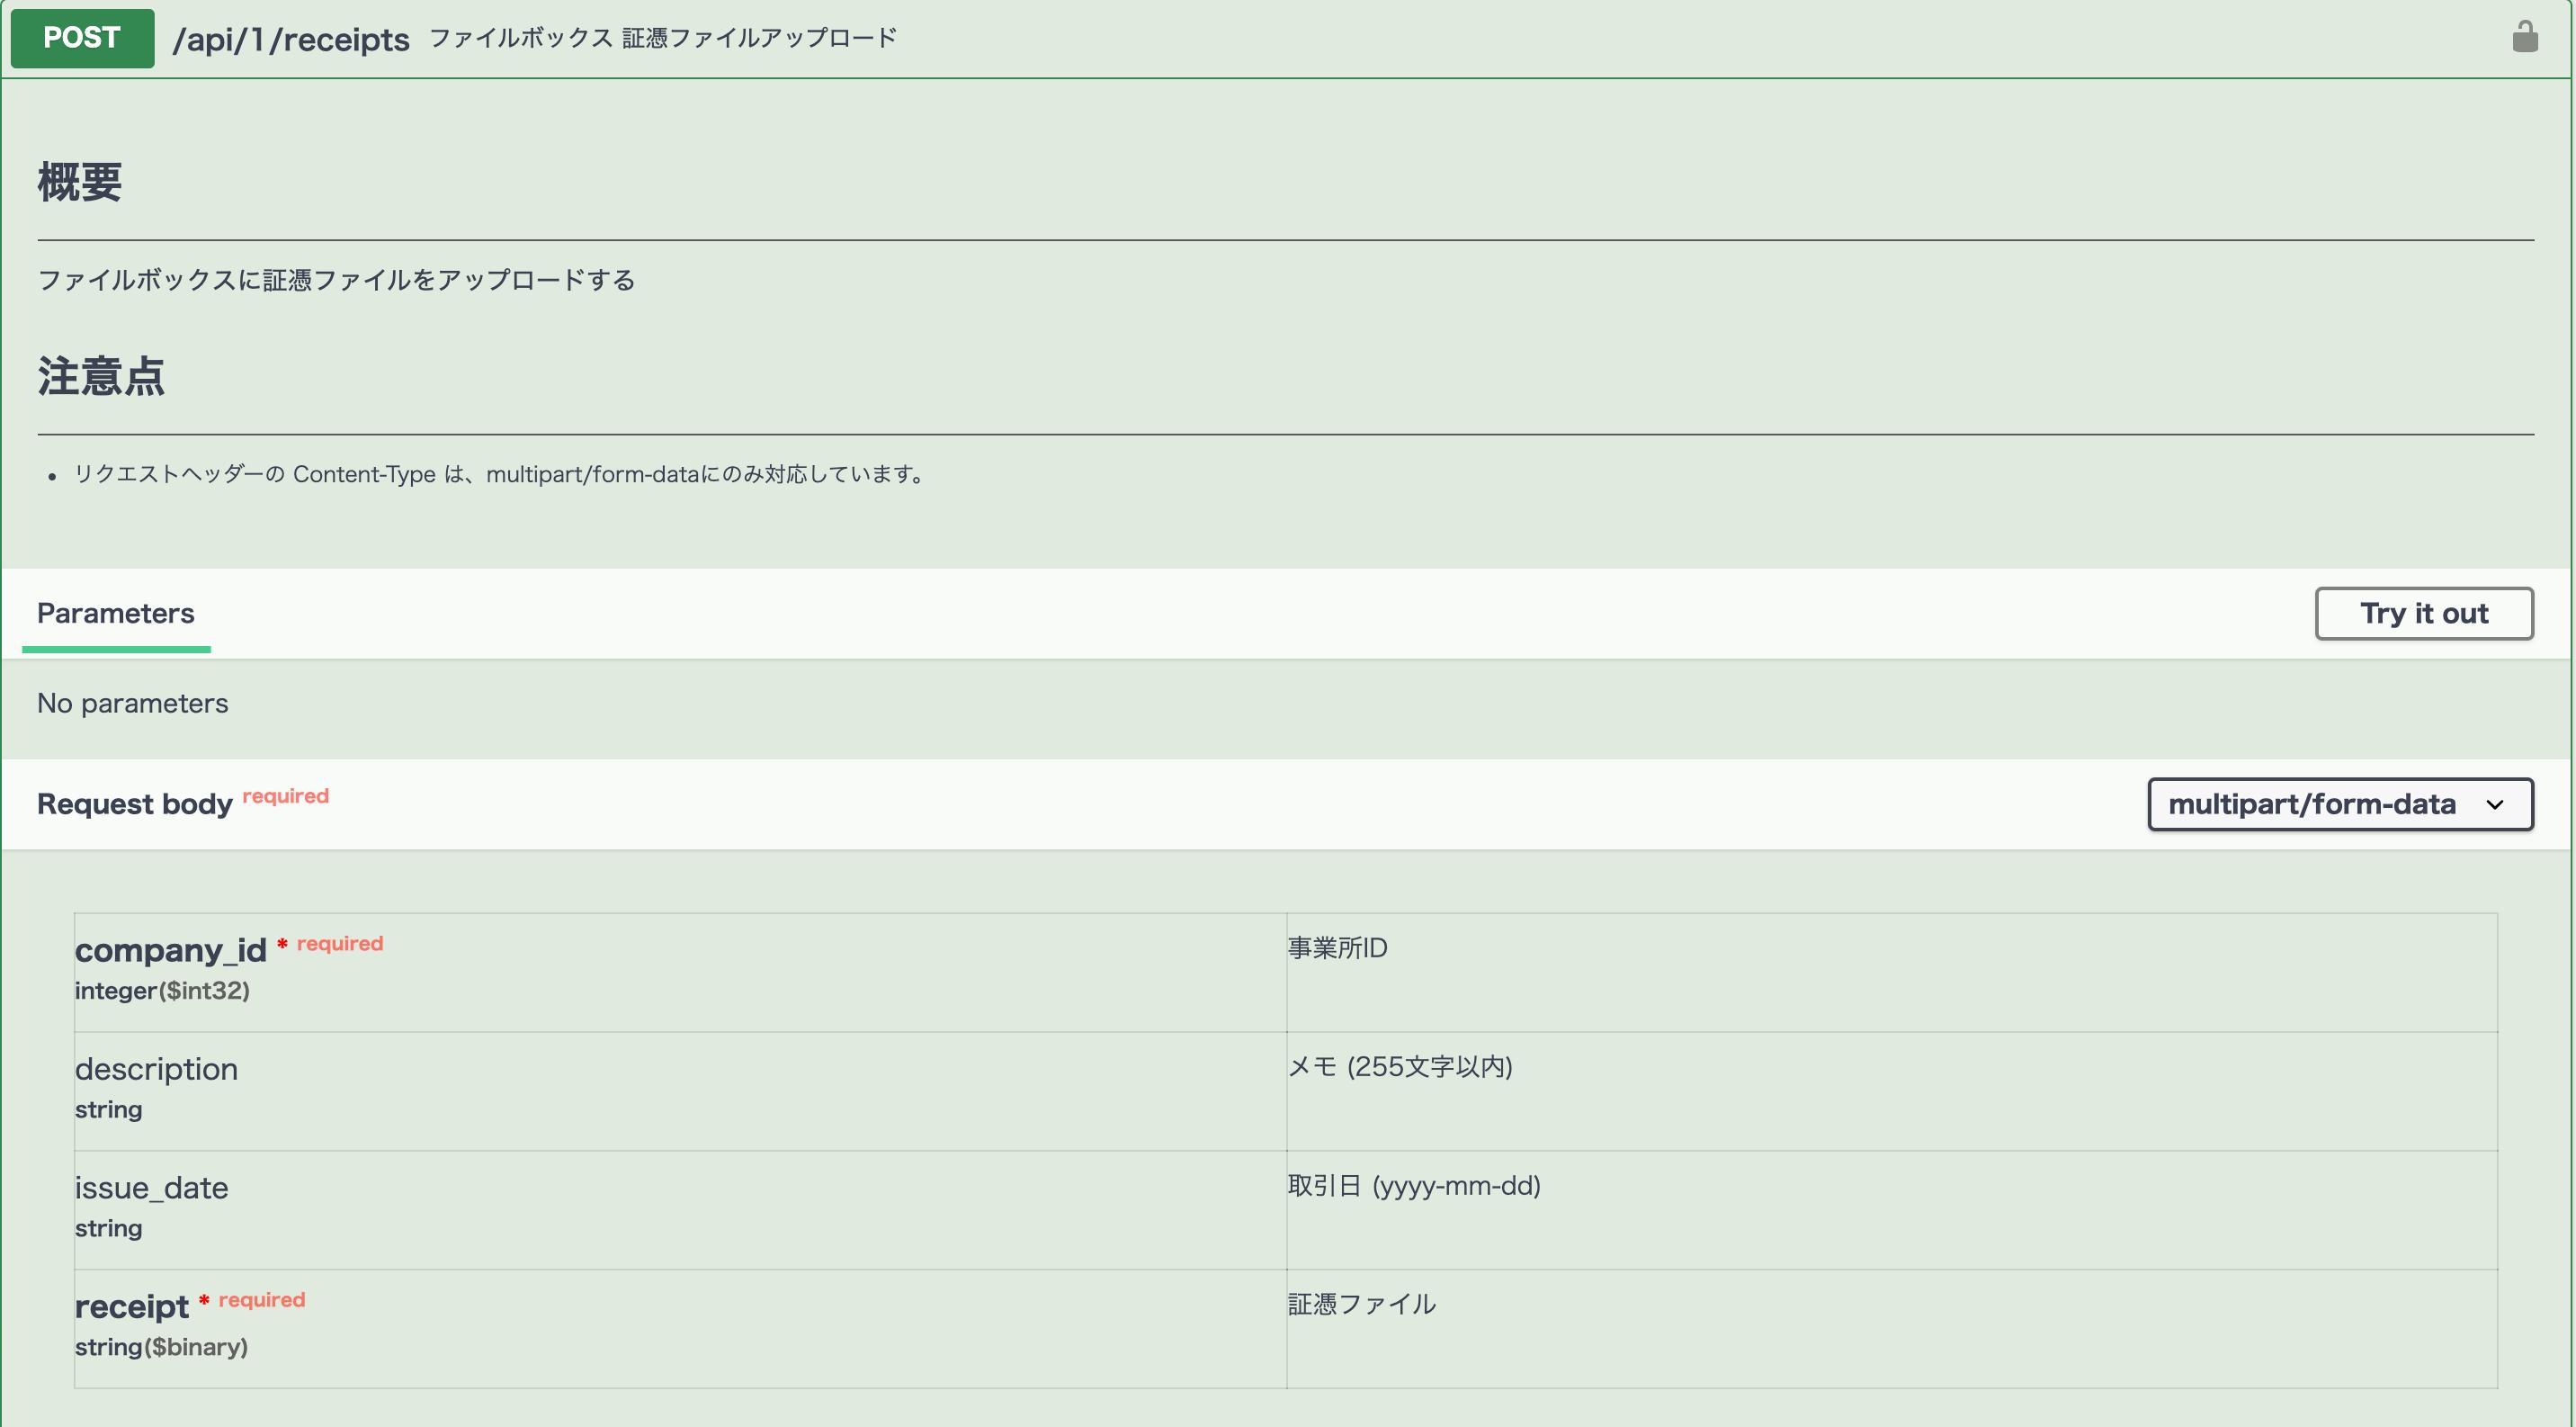 スクリーンショット 2020-12-24 15.50.43.png